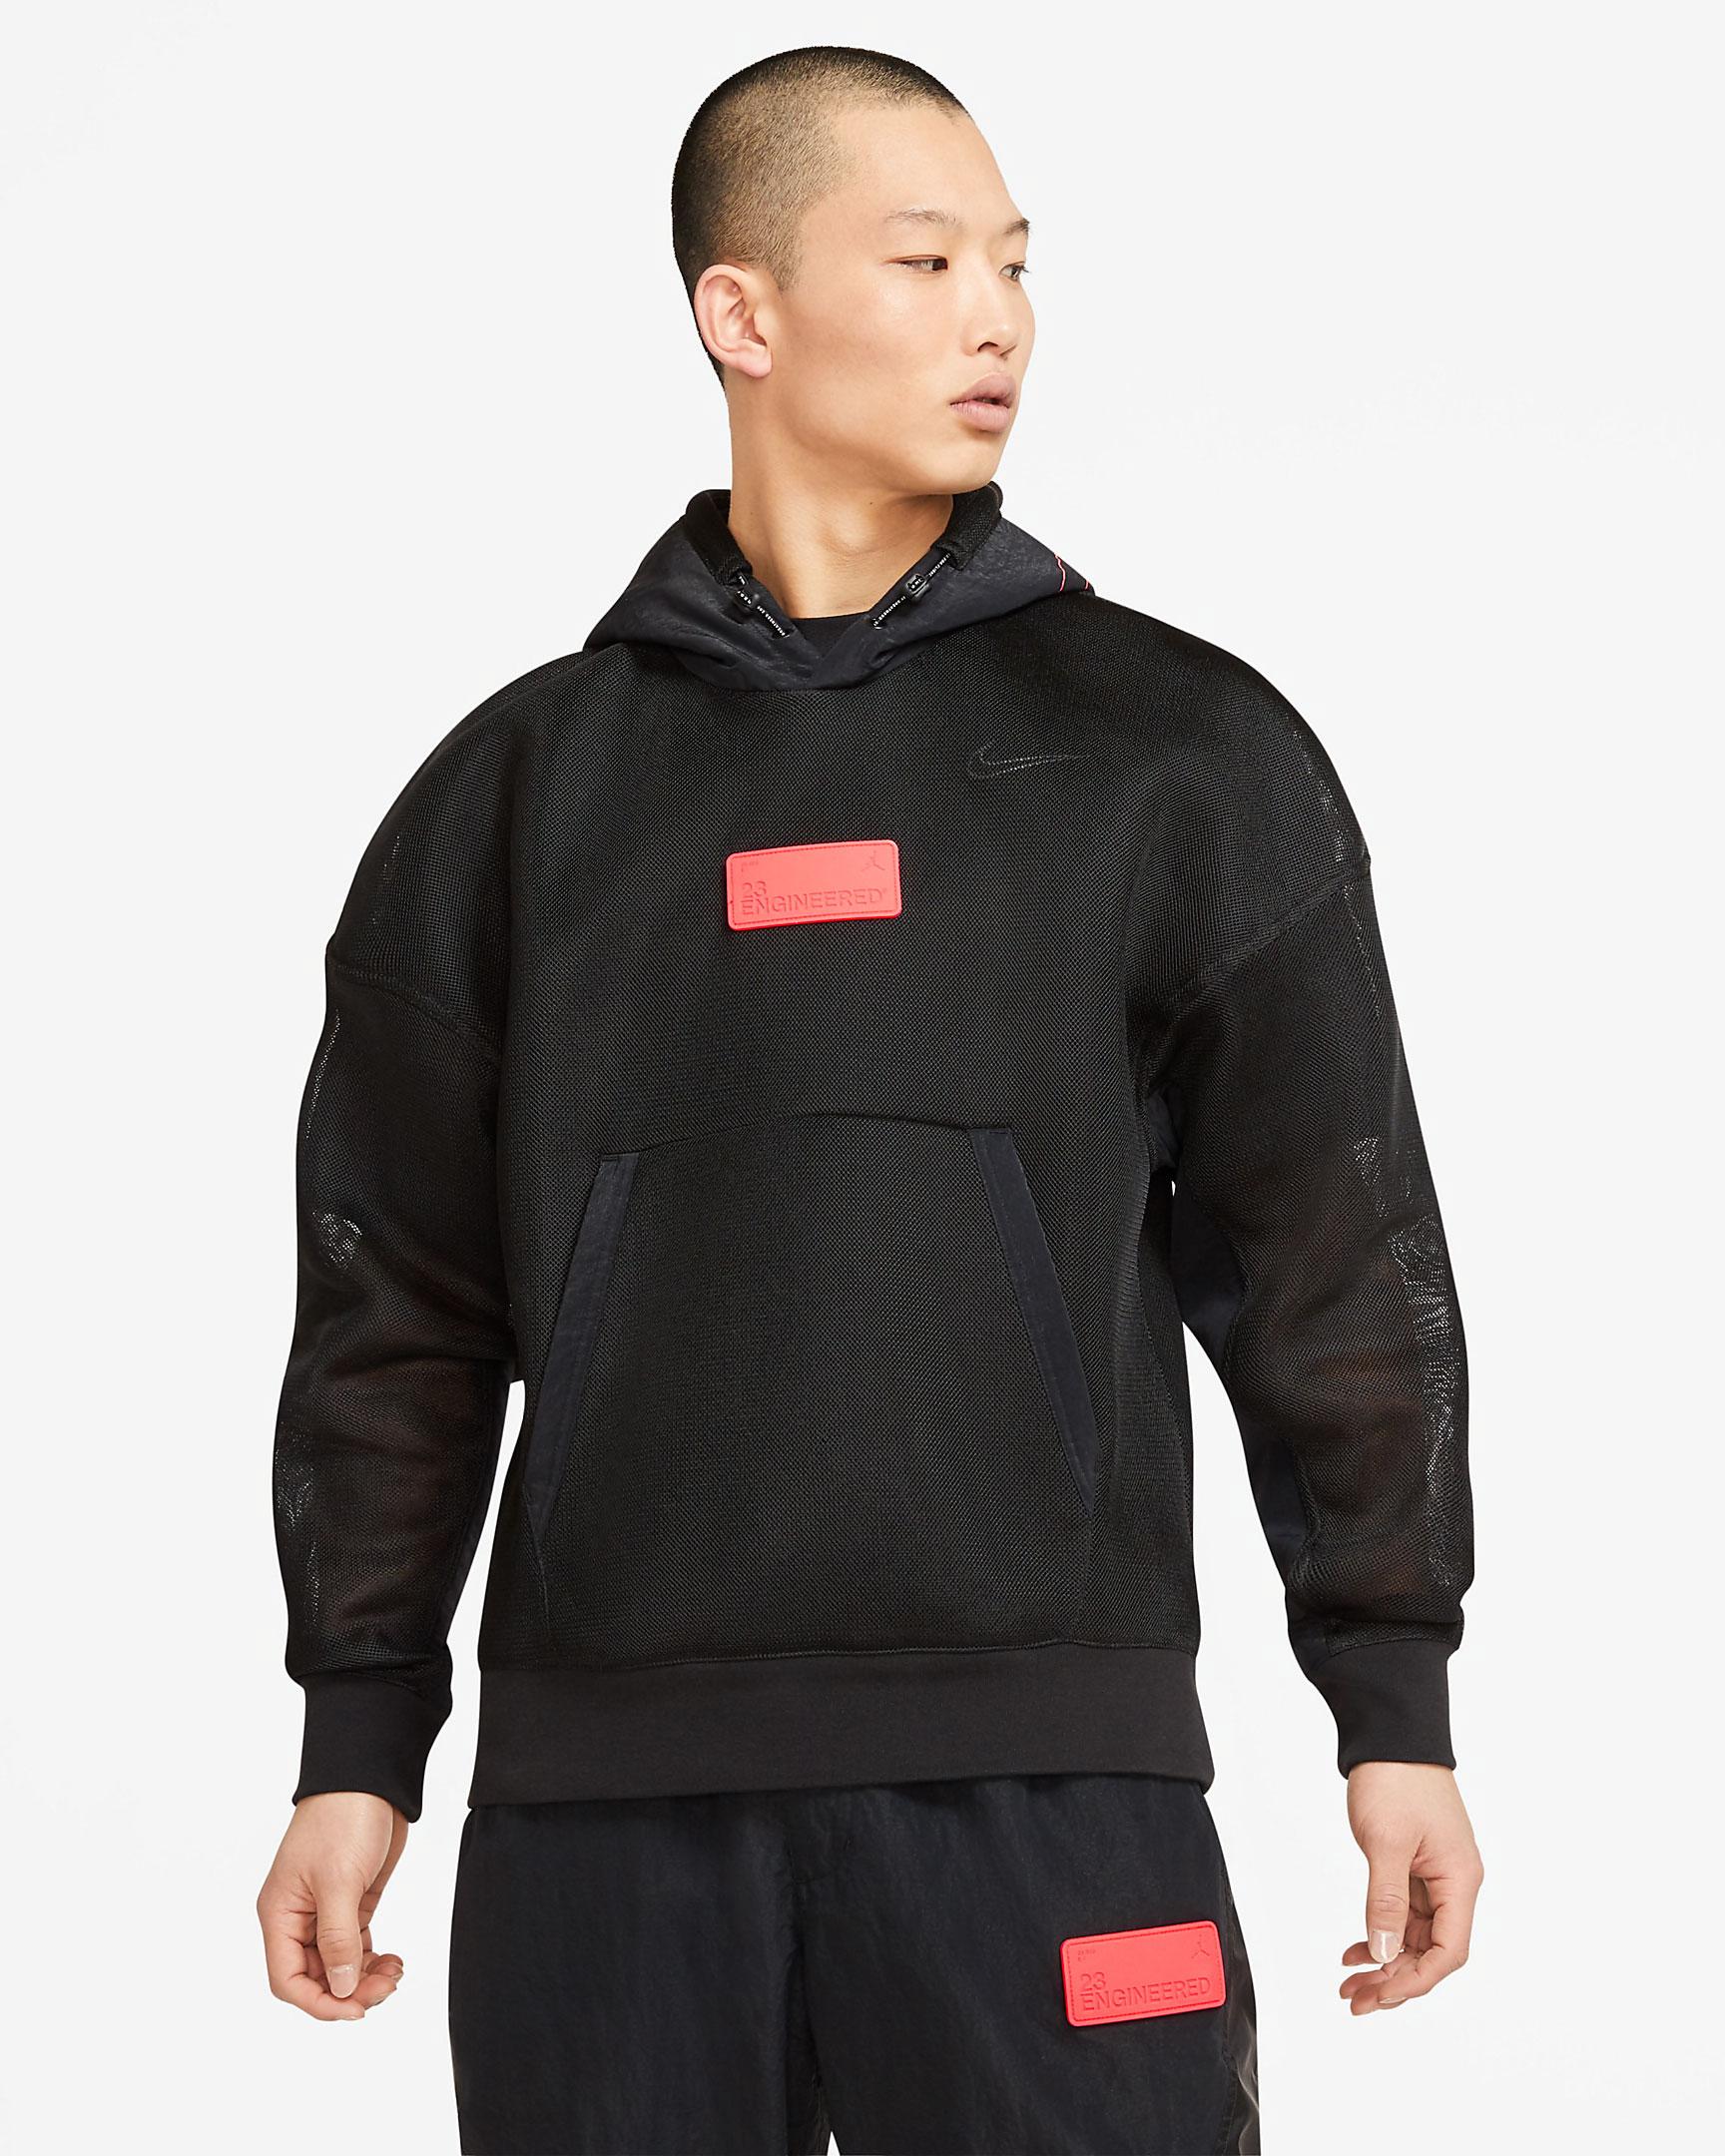 jordan-23-engineered-hoodie-black-red-1